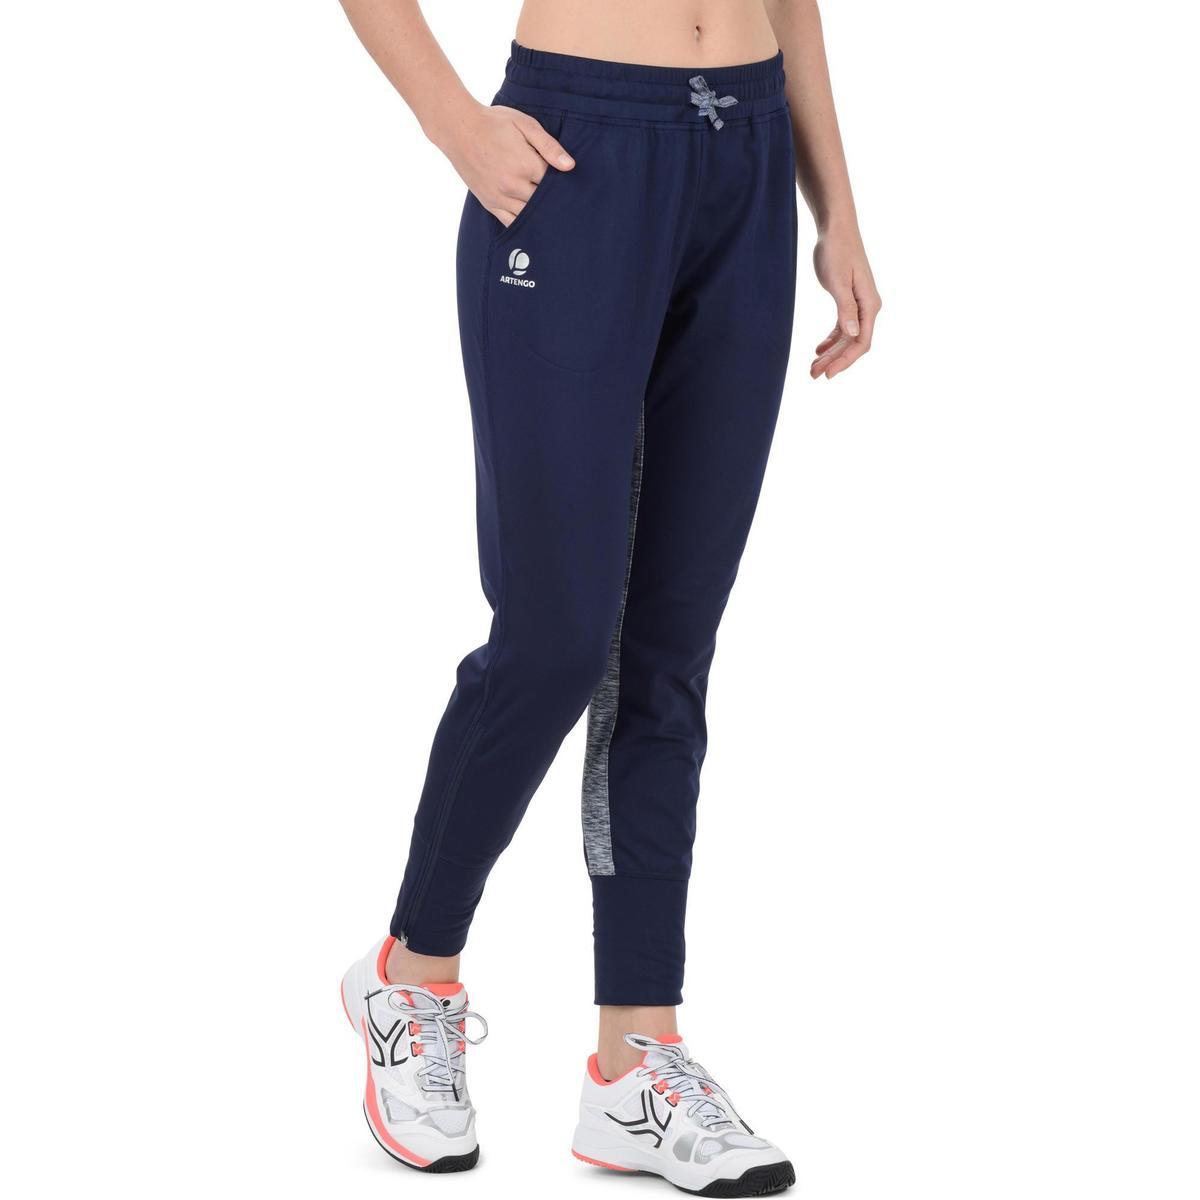 Bild 2 von Tennishose Trainingshose Warm 500 Tennis Damen marineblau